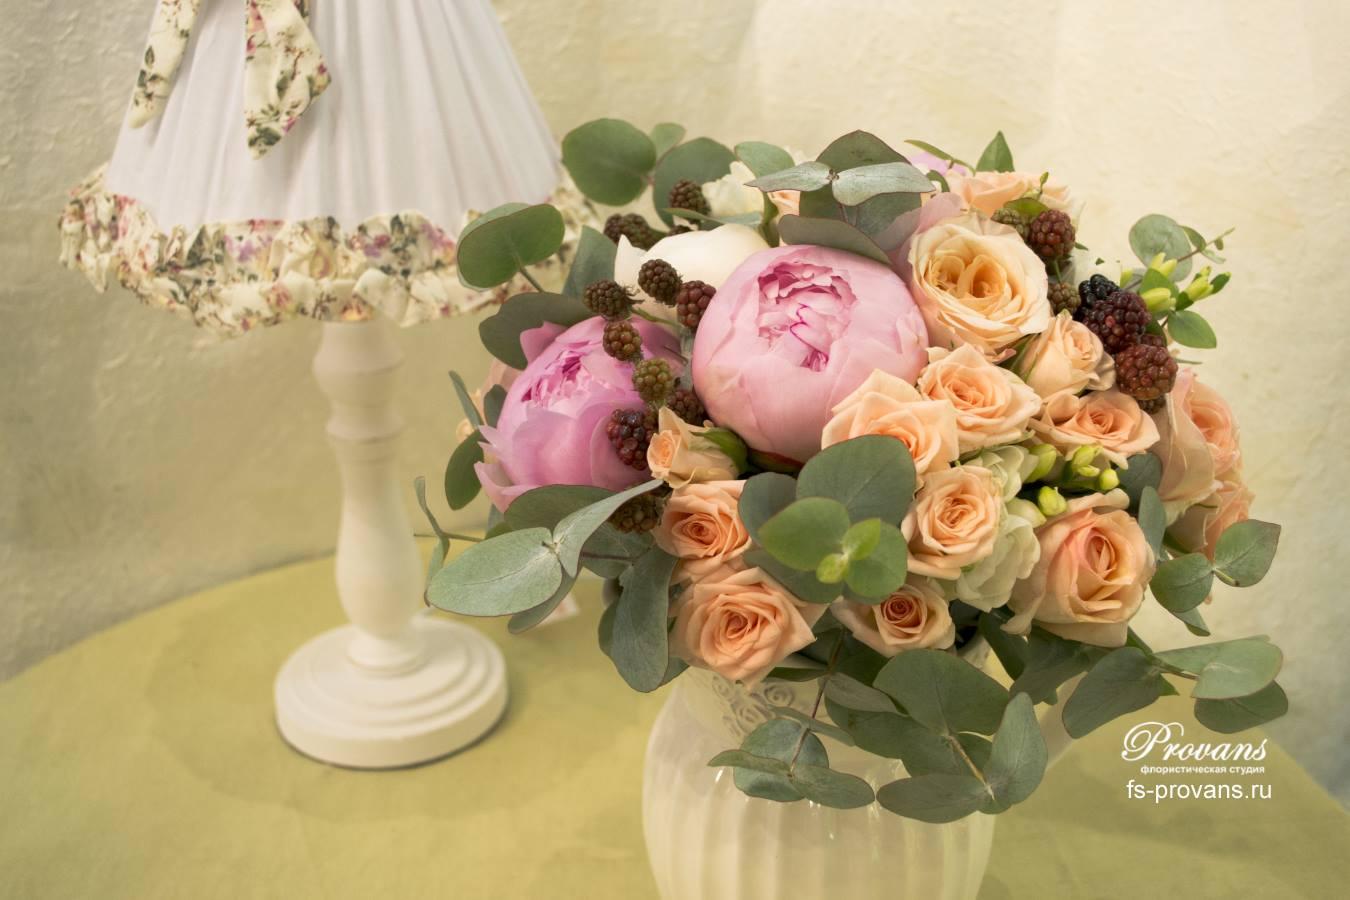 Свадебный букет. Пионы, розы, фрезия, ягода